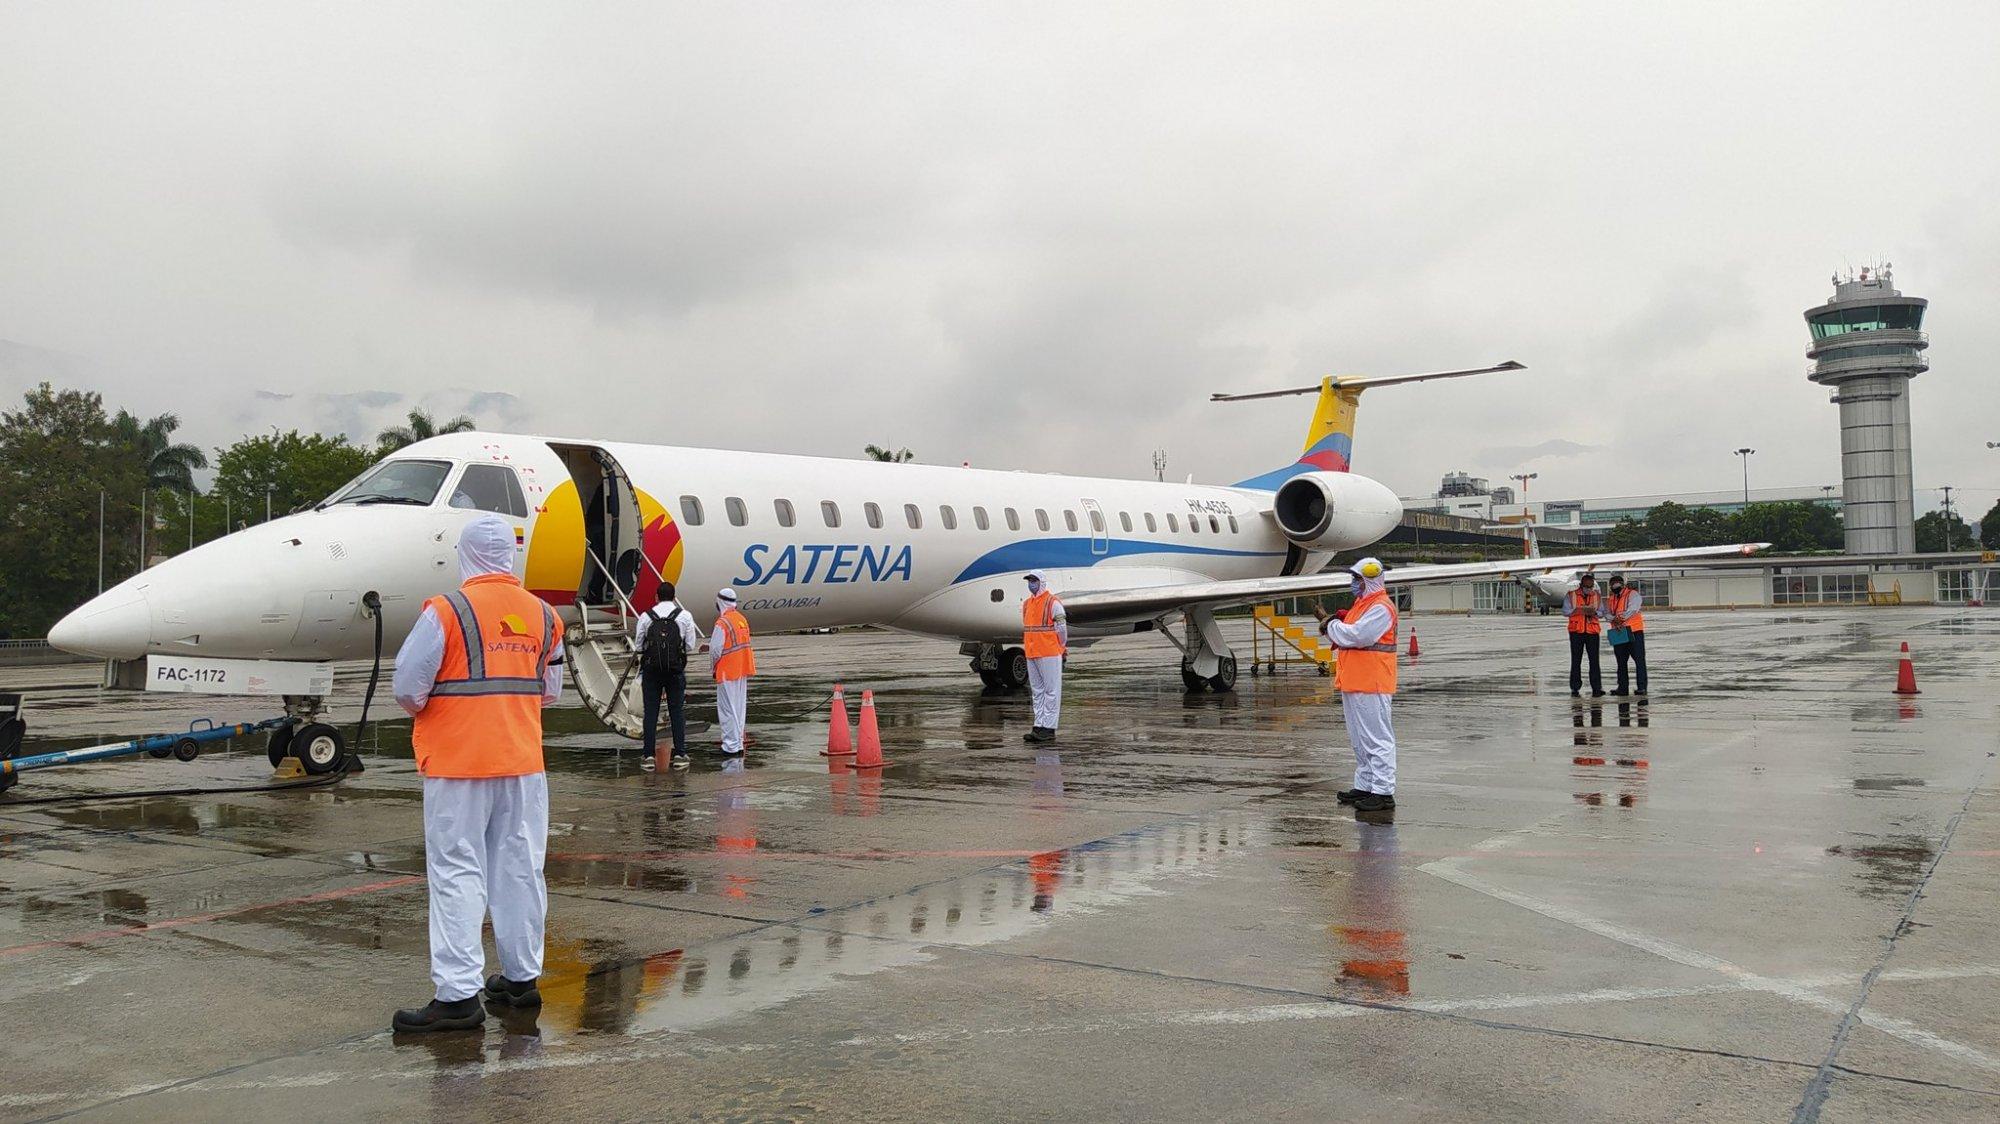 Inicia segunda fase de reactivación en el Aeropuerto Olaya Herrera